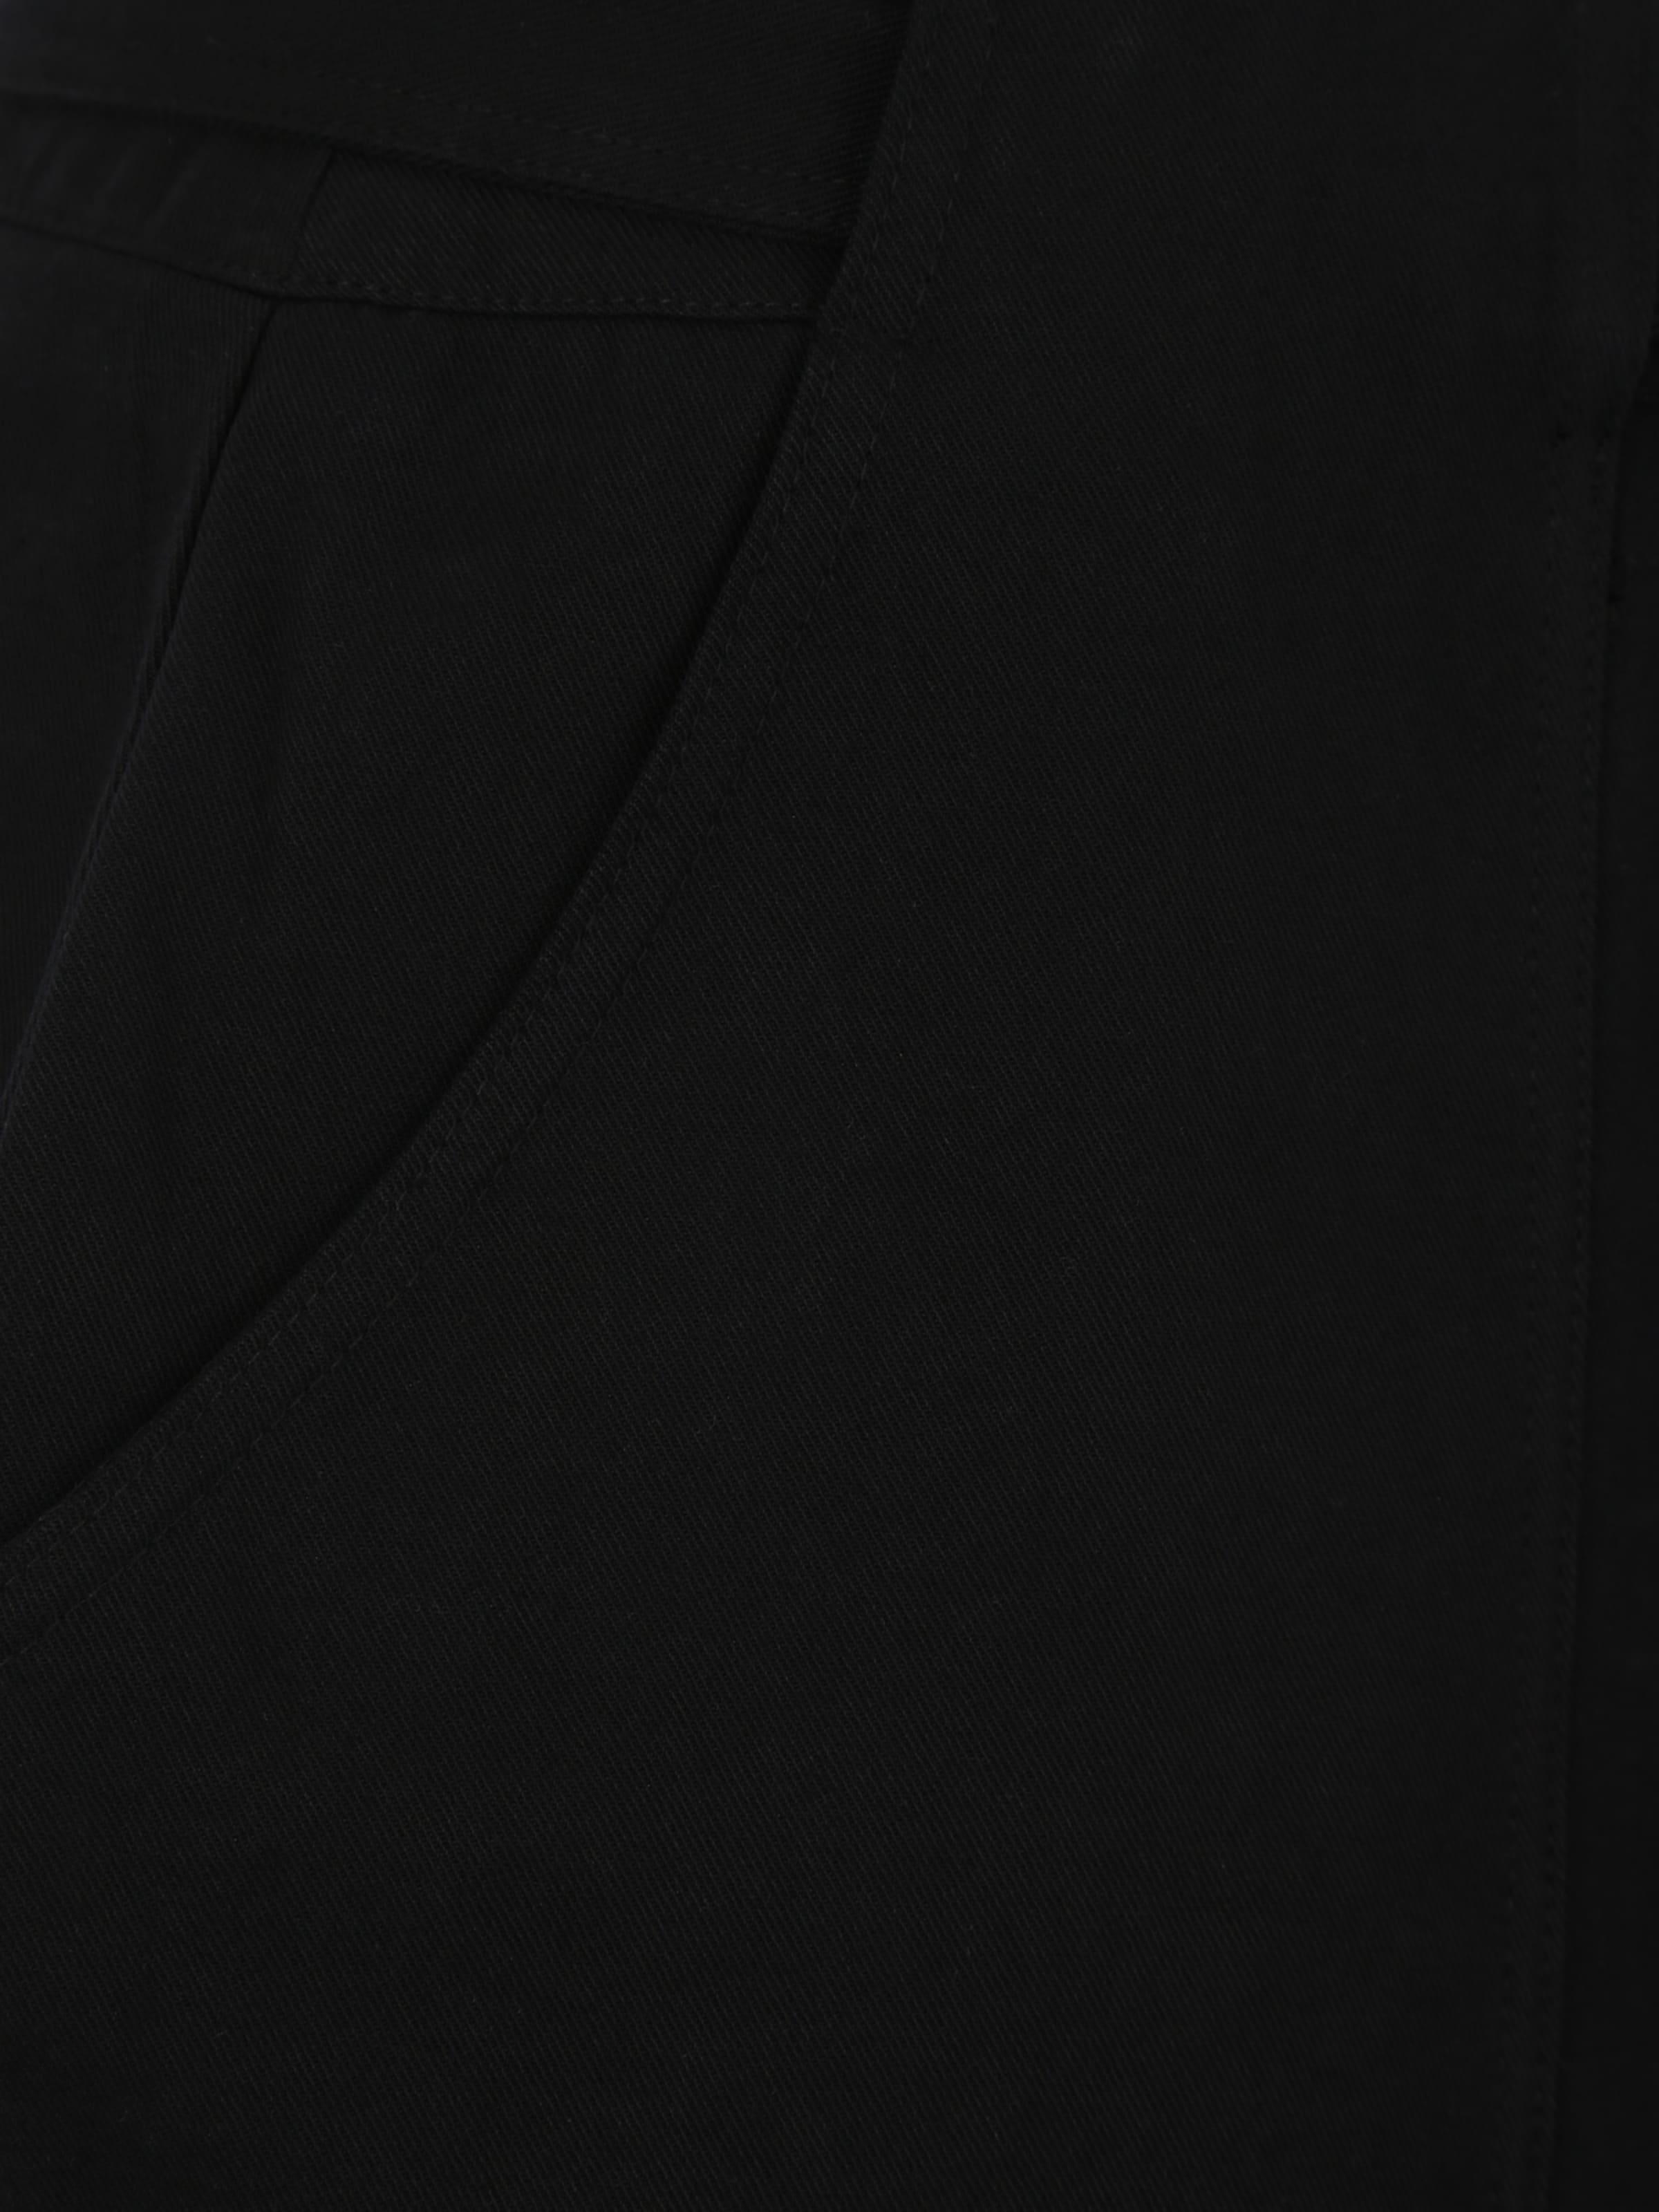 Lost Plus Pantalon Cotton En Noir 'black Trouser' Utility Ink Peg X8wkO0Pn